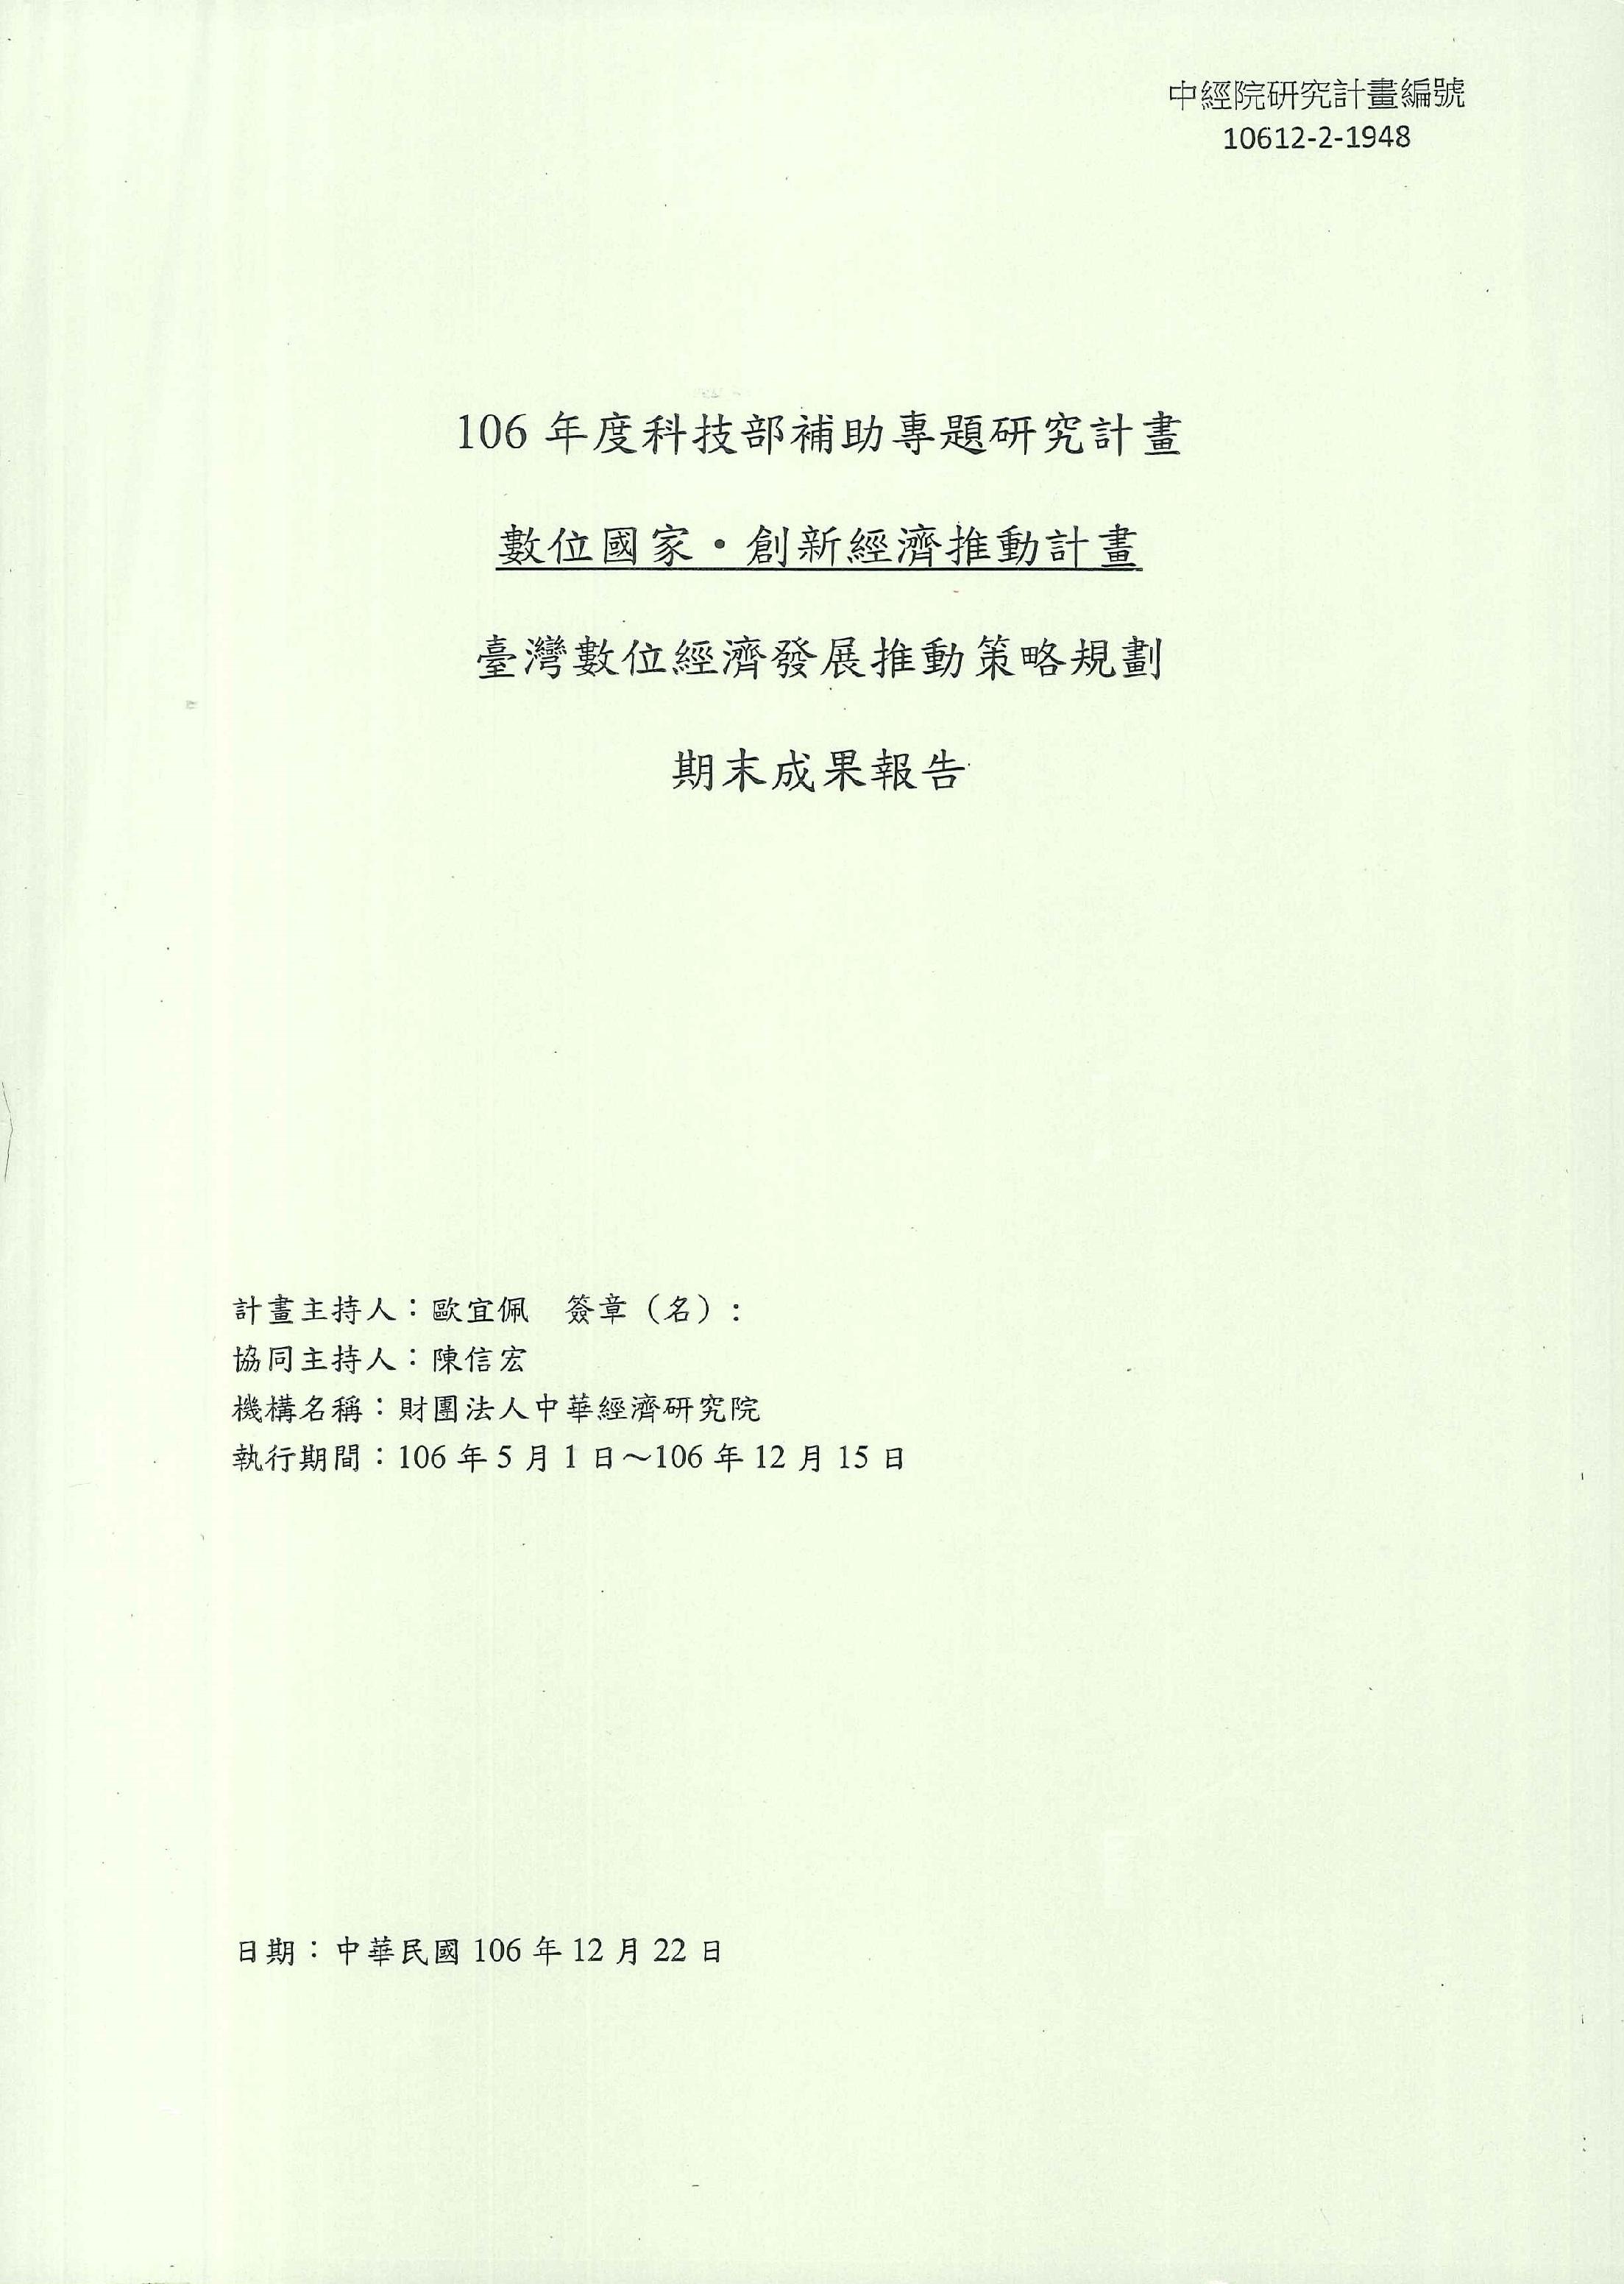 臺灣數位經濟發展推動策略規劃:期末成果報告